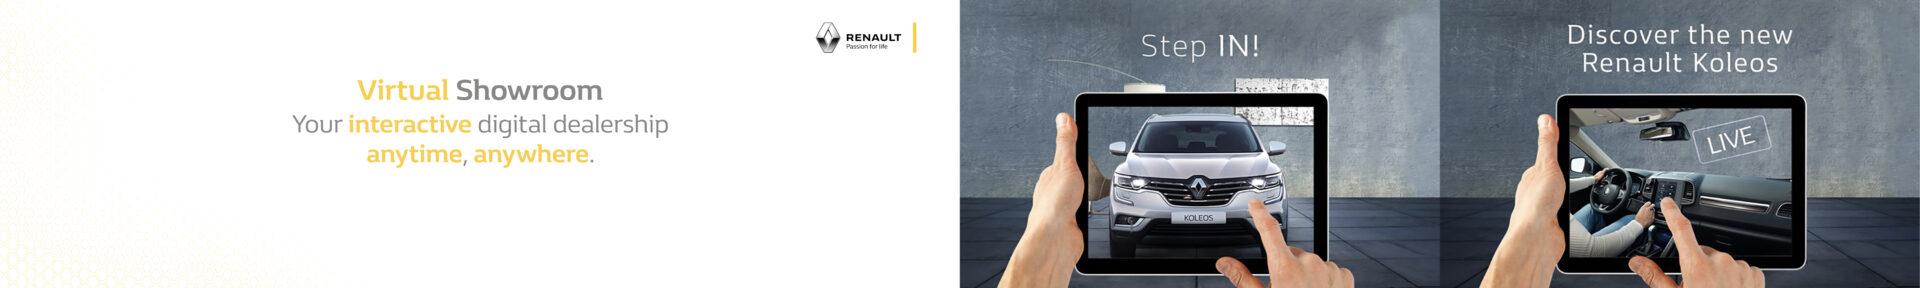 Renault-Keynote-20171028.018